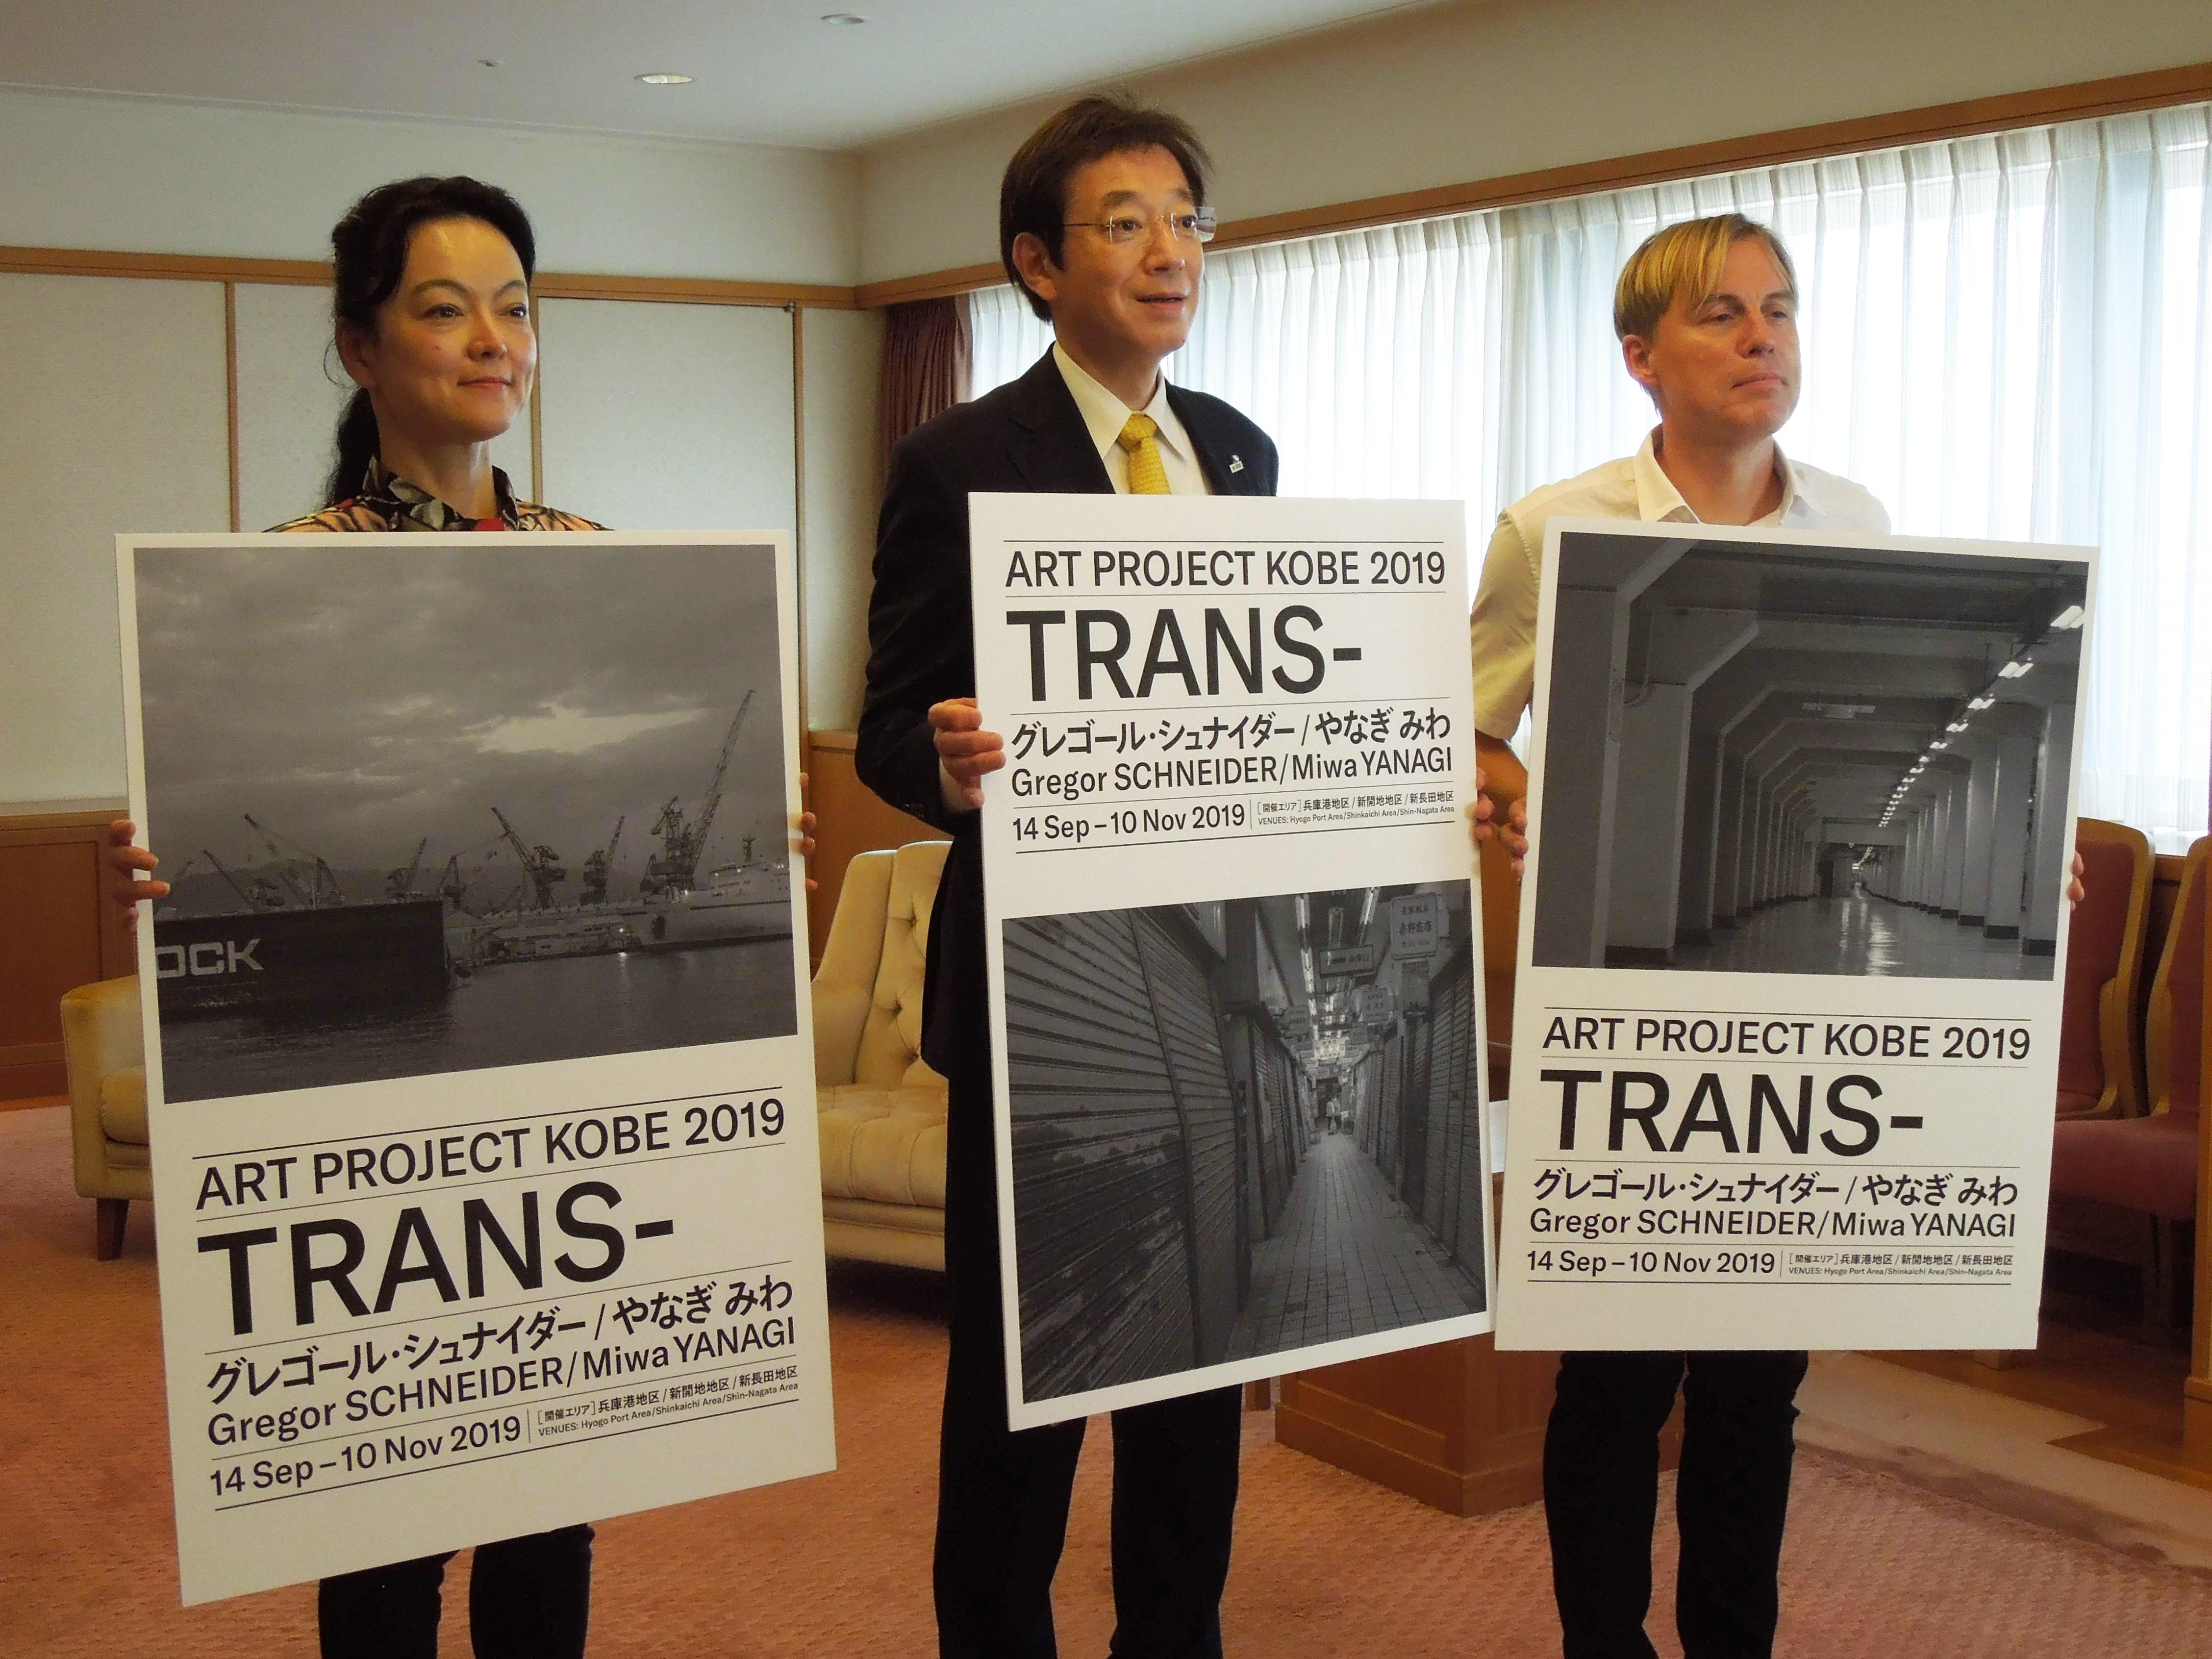 左:やなぎみわ、中央:久元喜造神戸市長、右:グレゴール・シュナイダー